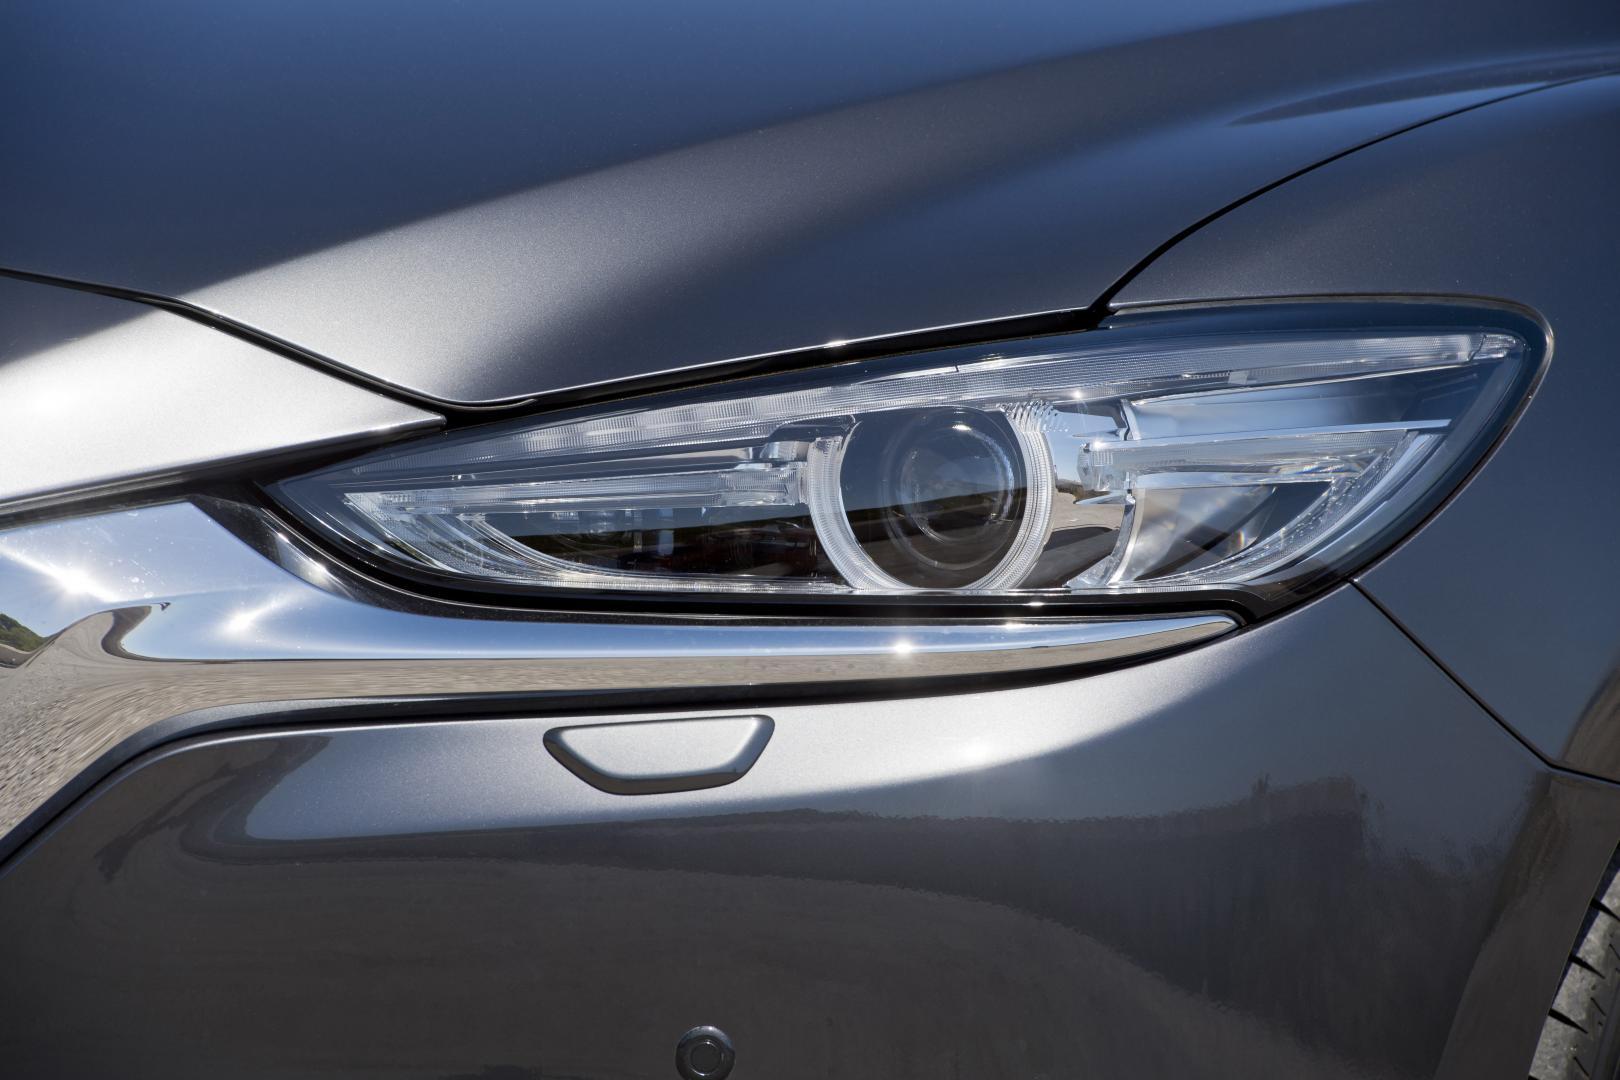 Mazda 6 SkyActiv-G 165 Signature interieur koplamp